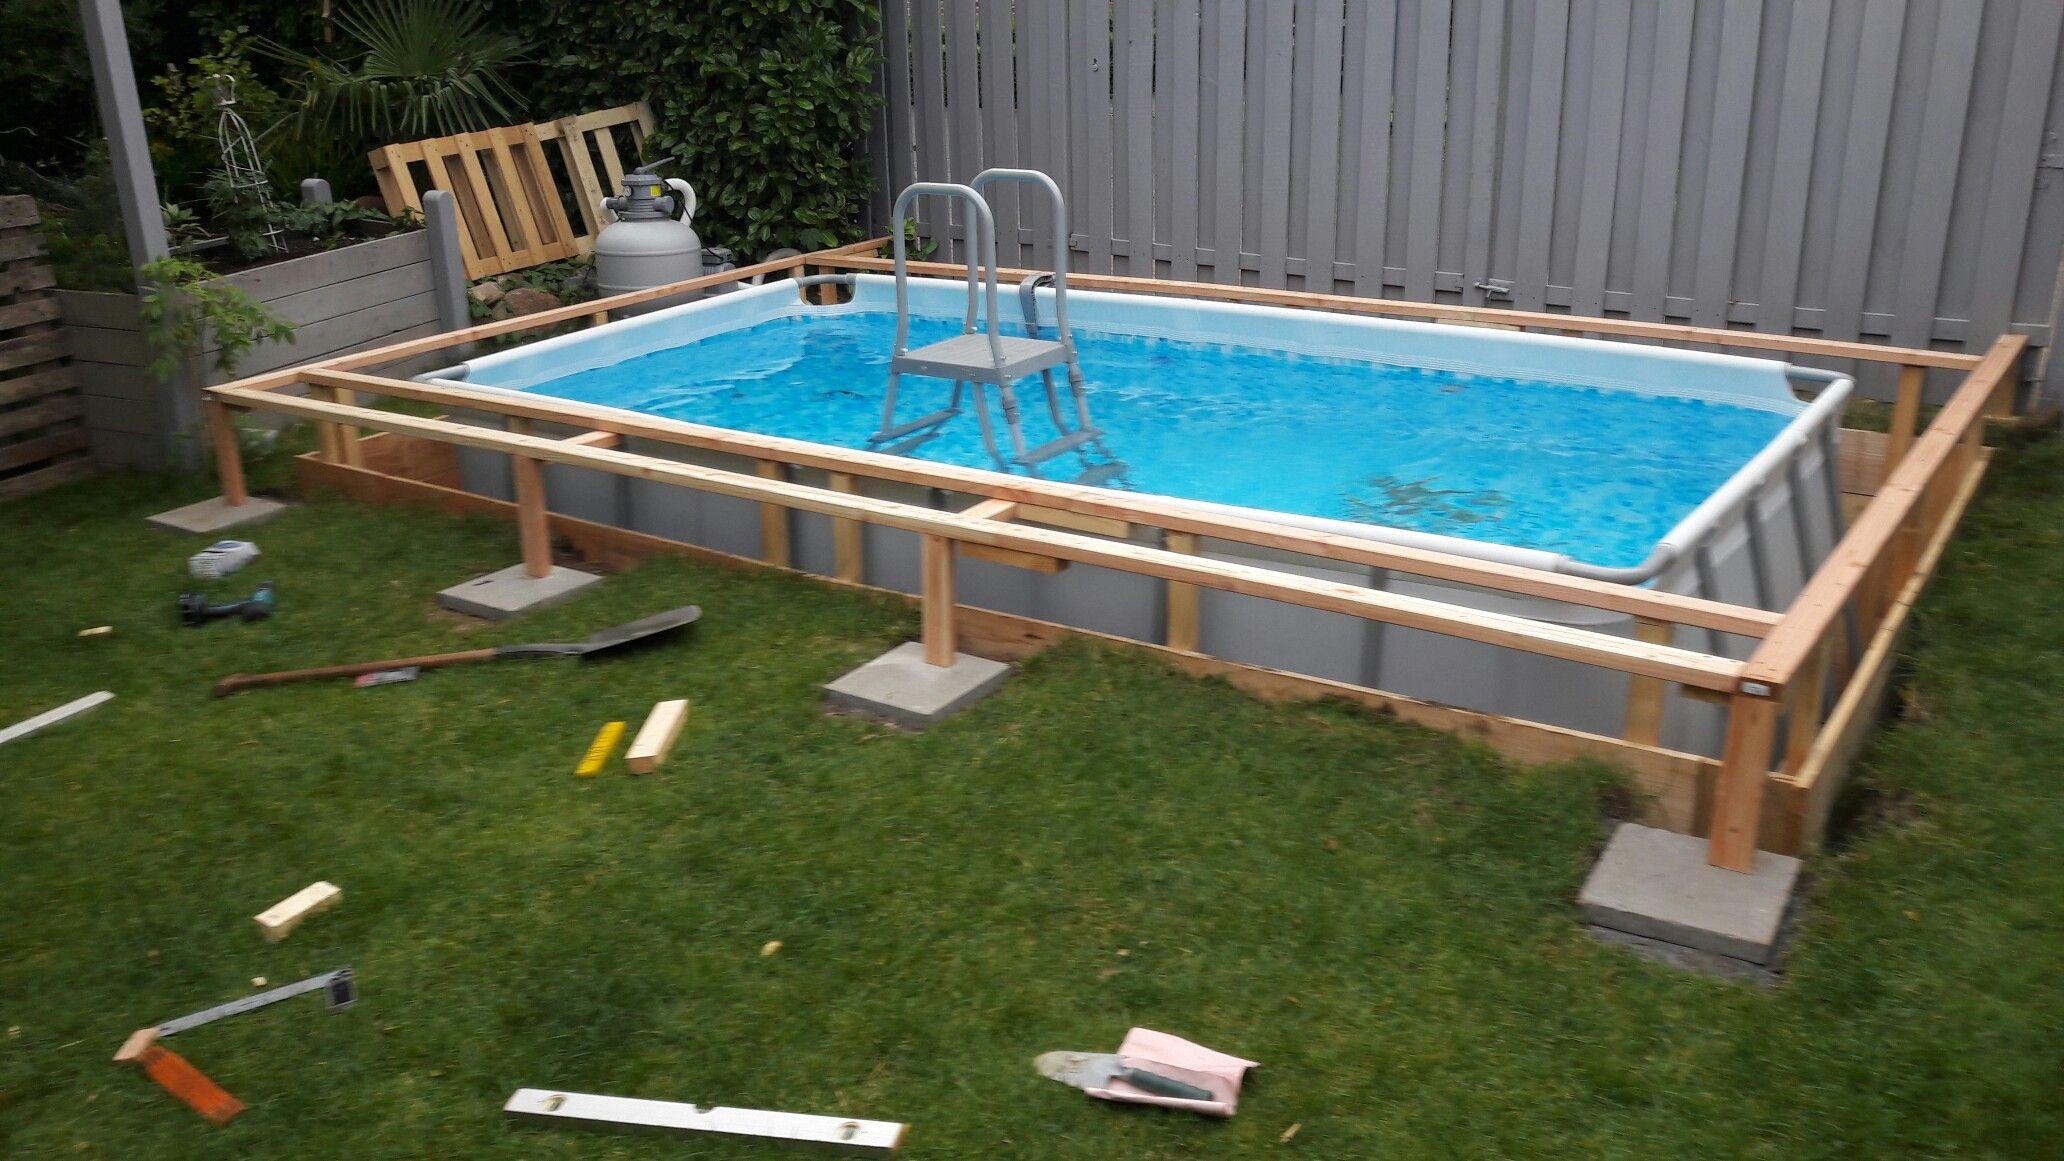 Pin Von Audrey Kenney Auf Eigenen Pool Bauen Pool Im Garten Garten Pool Selber Bauen Pool